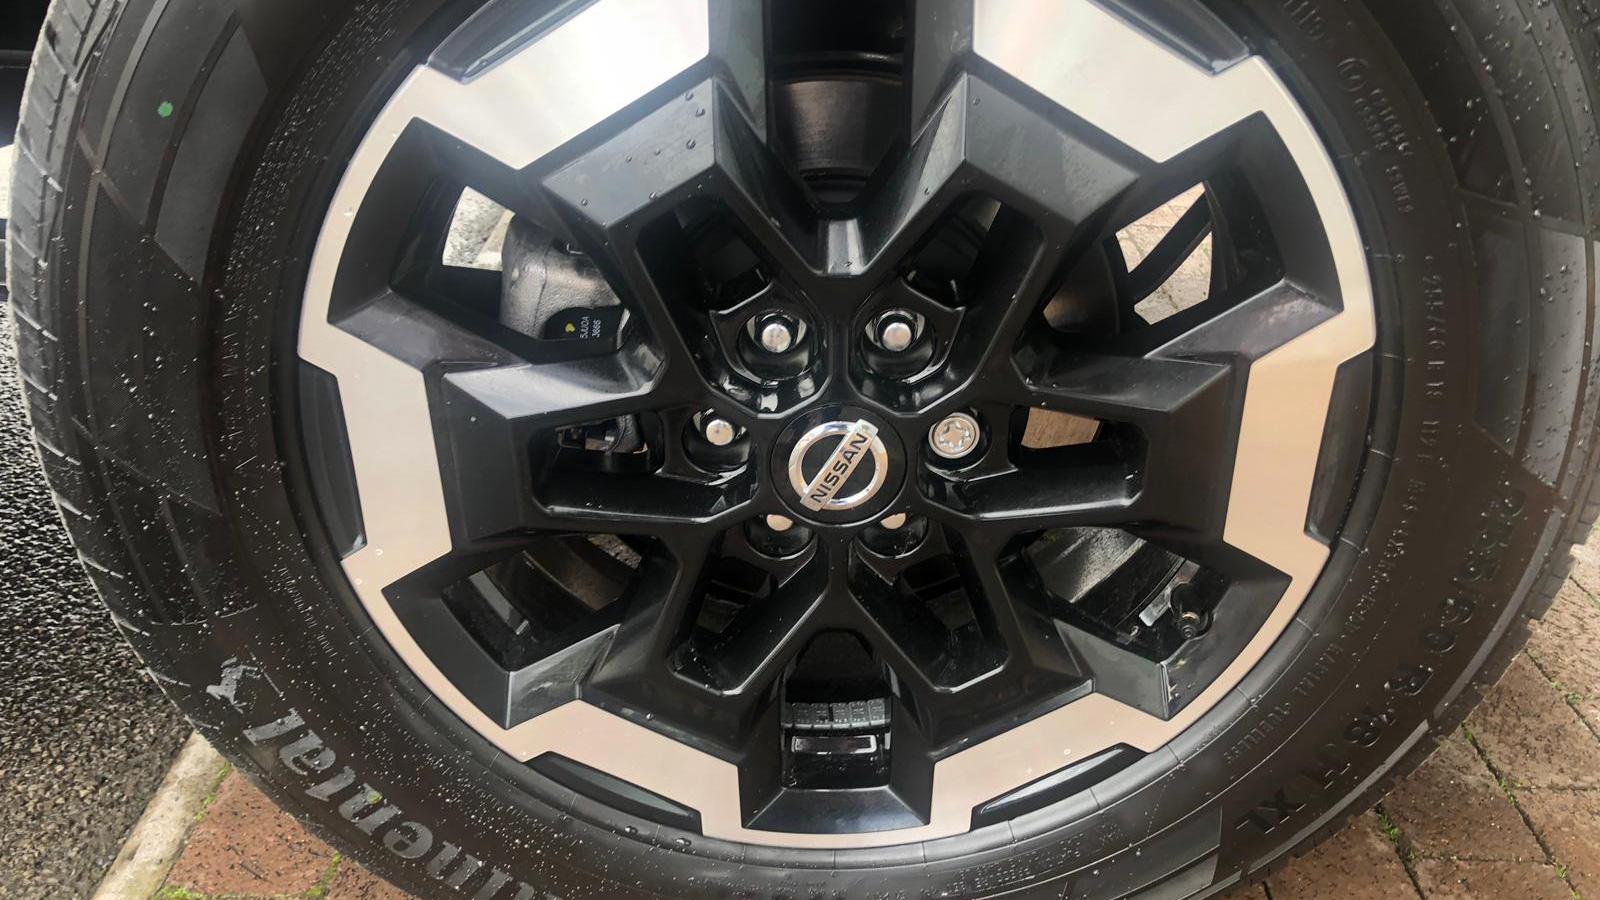 2019 Nissan Navara Wheel